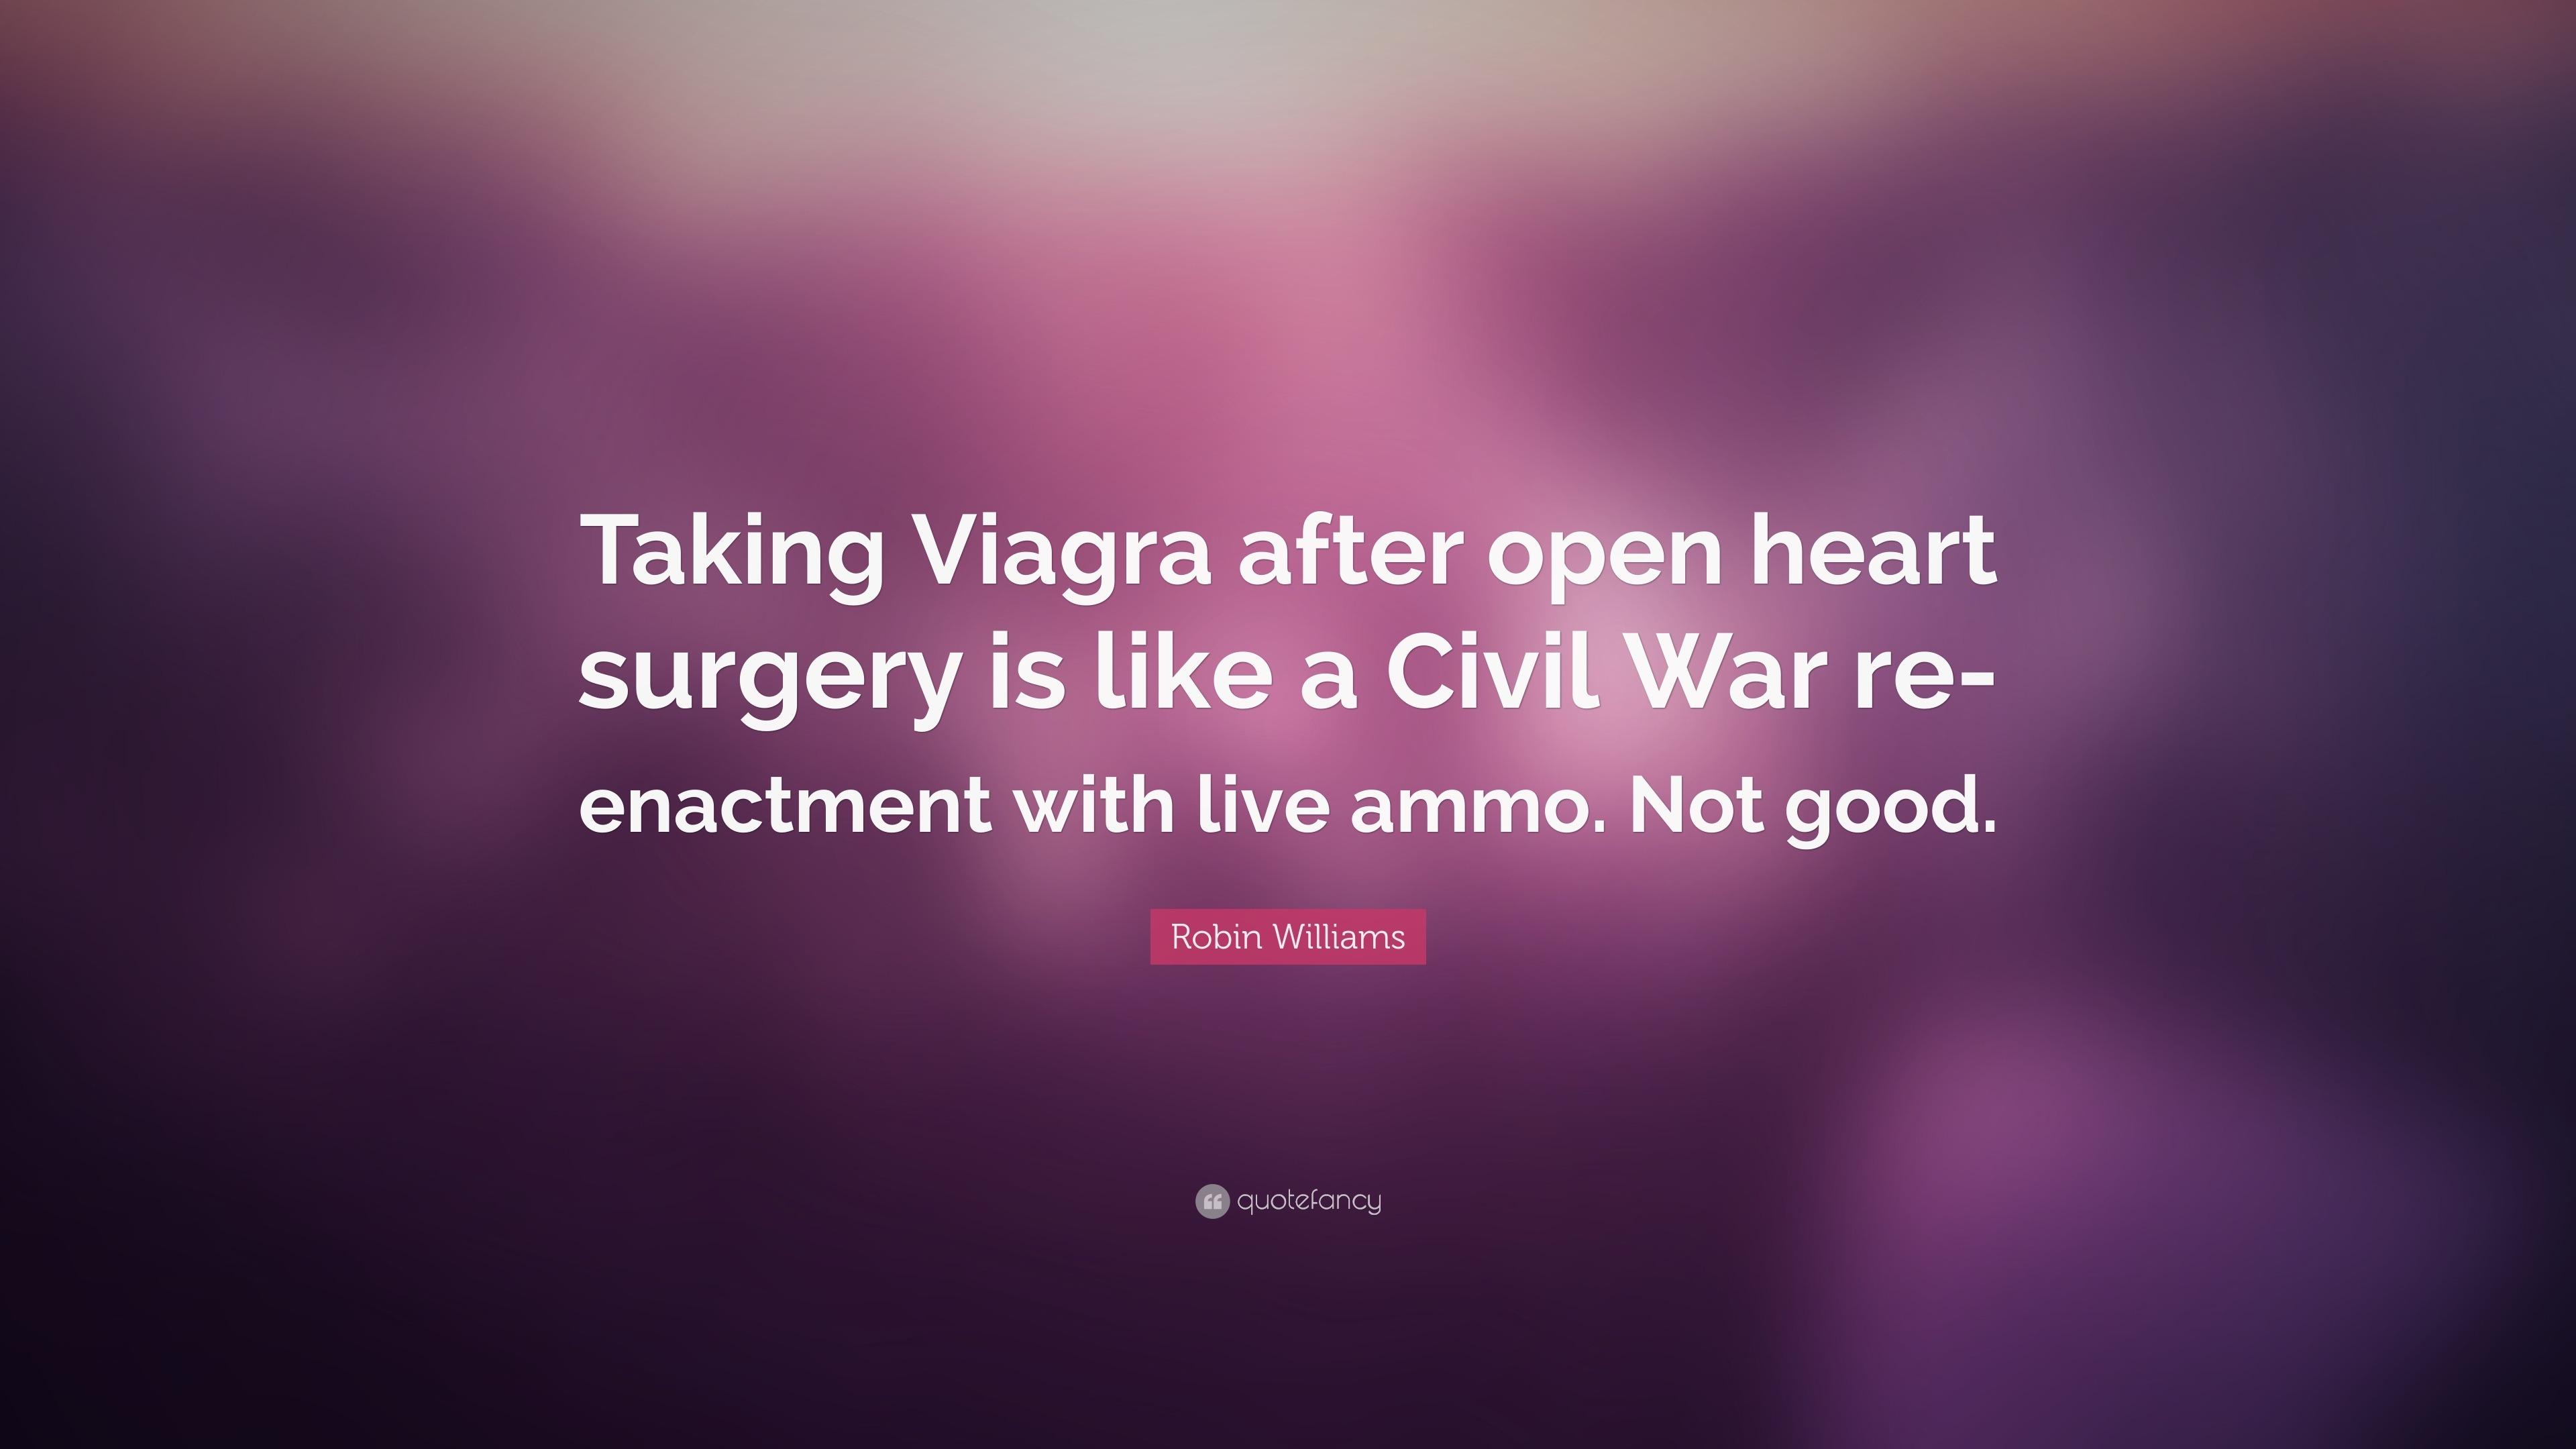 Qu pasa si la Viagra no funciona? - Online Doktersdienst